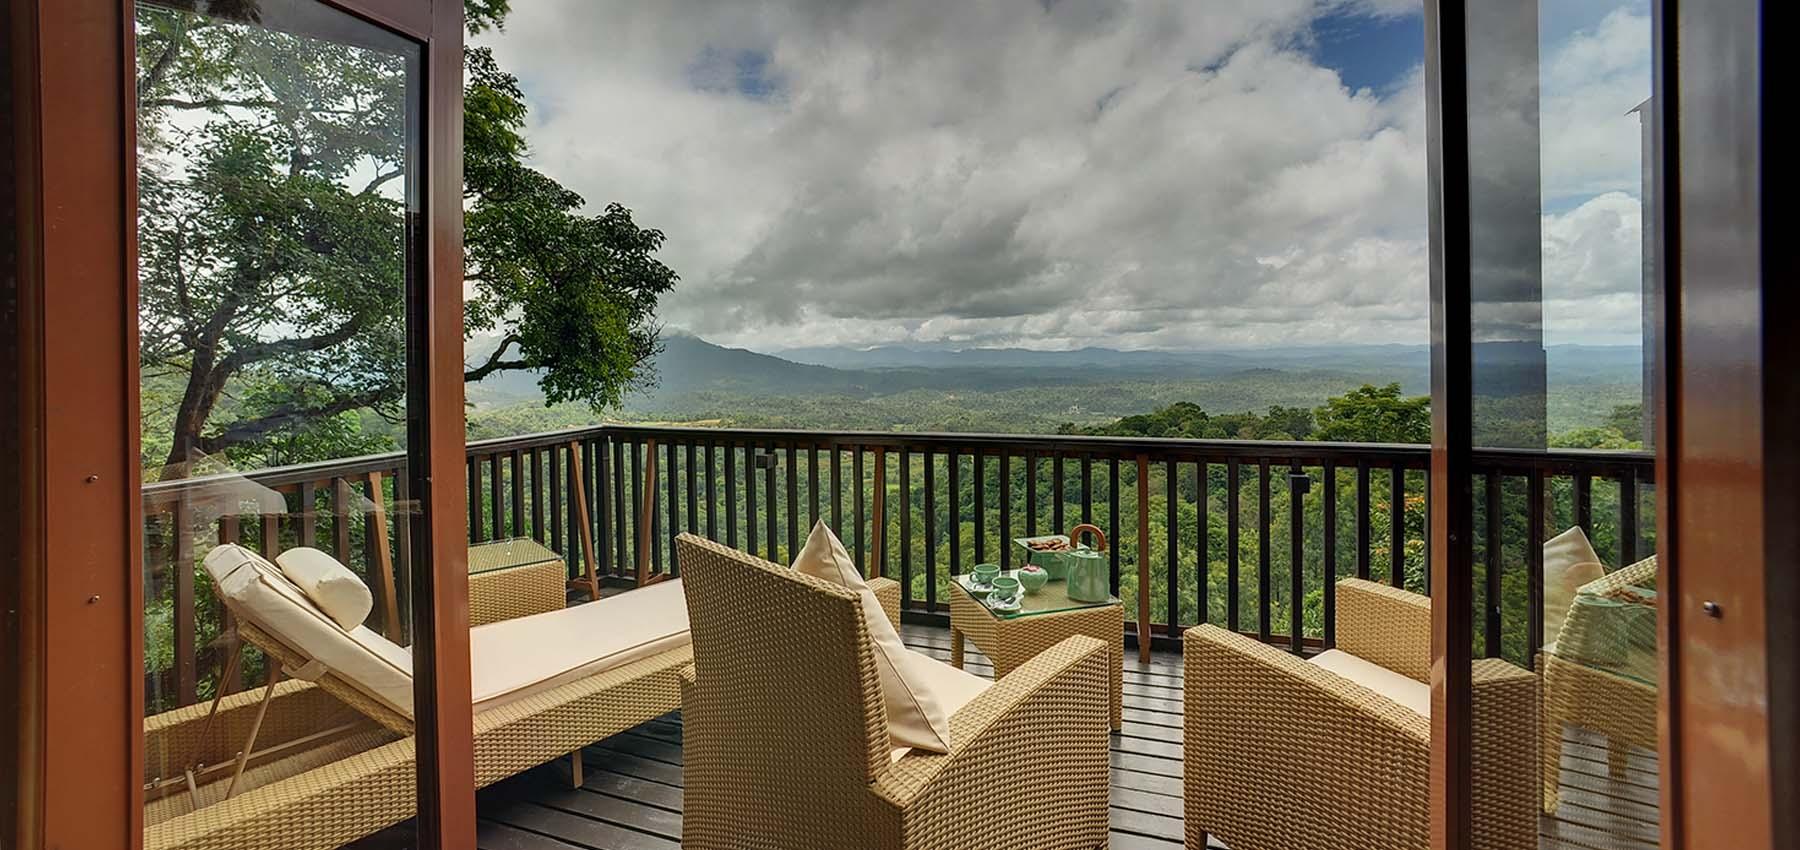 Luxury Resorts in India   Coorg Resort   Kodai Resort - The Tamara